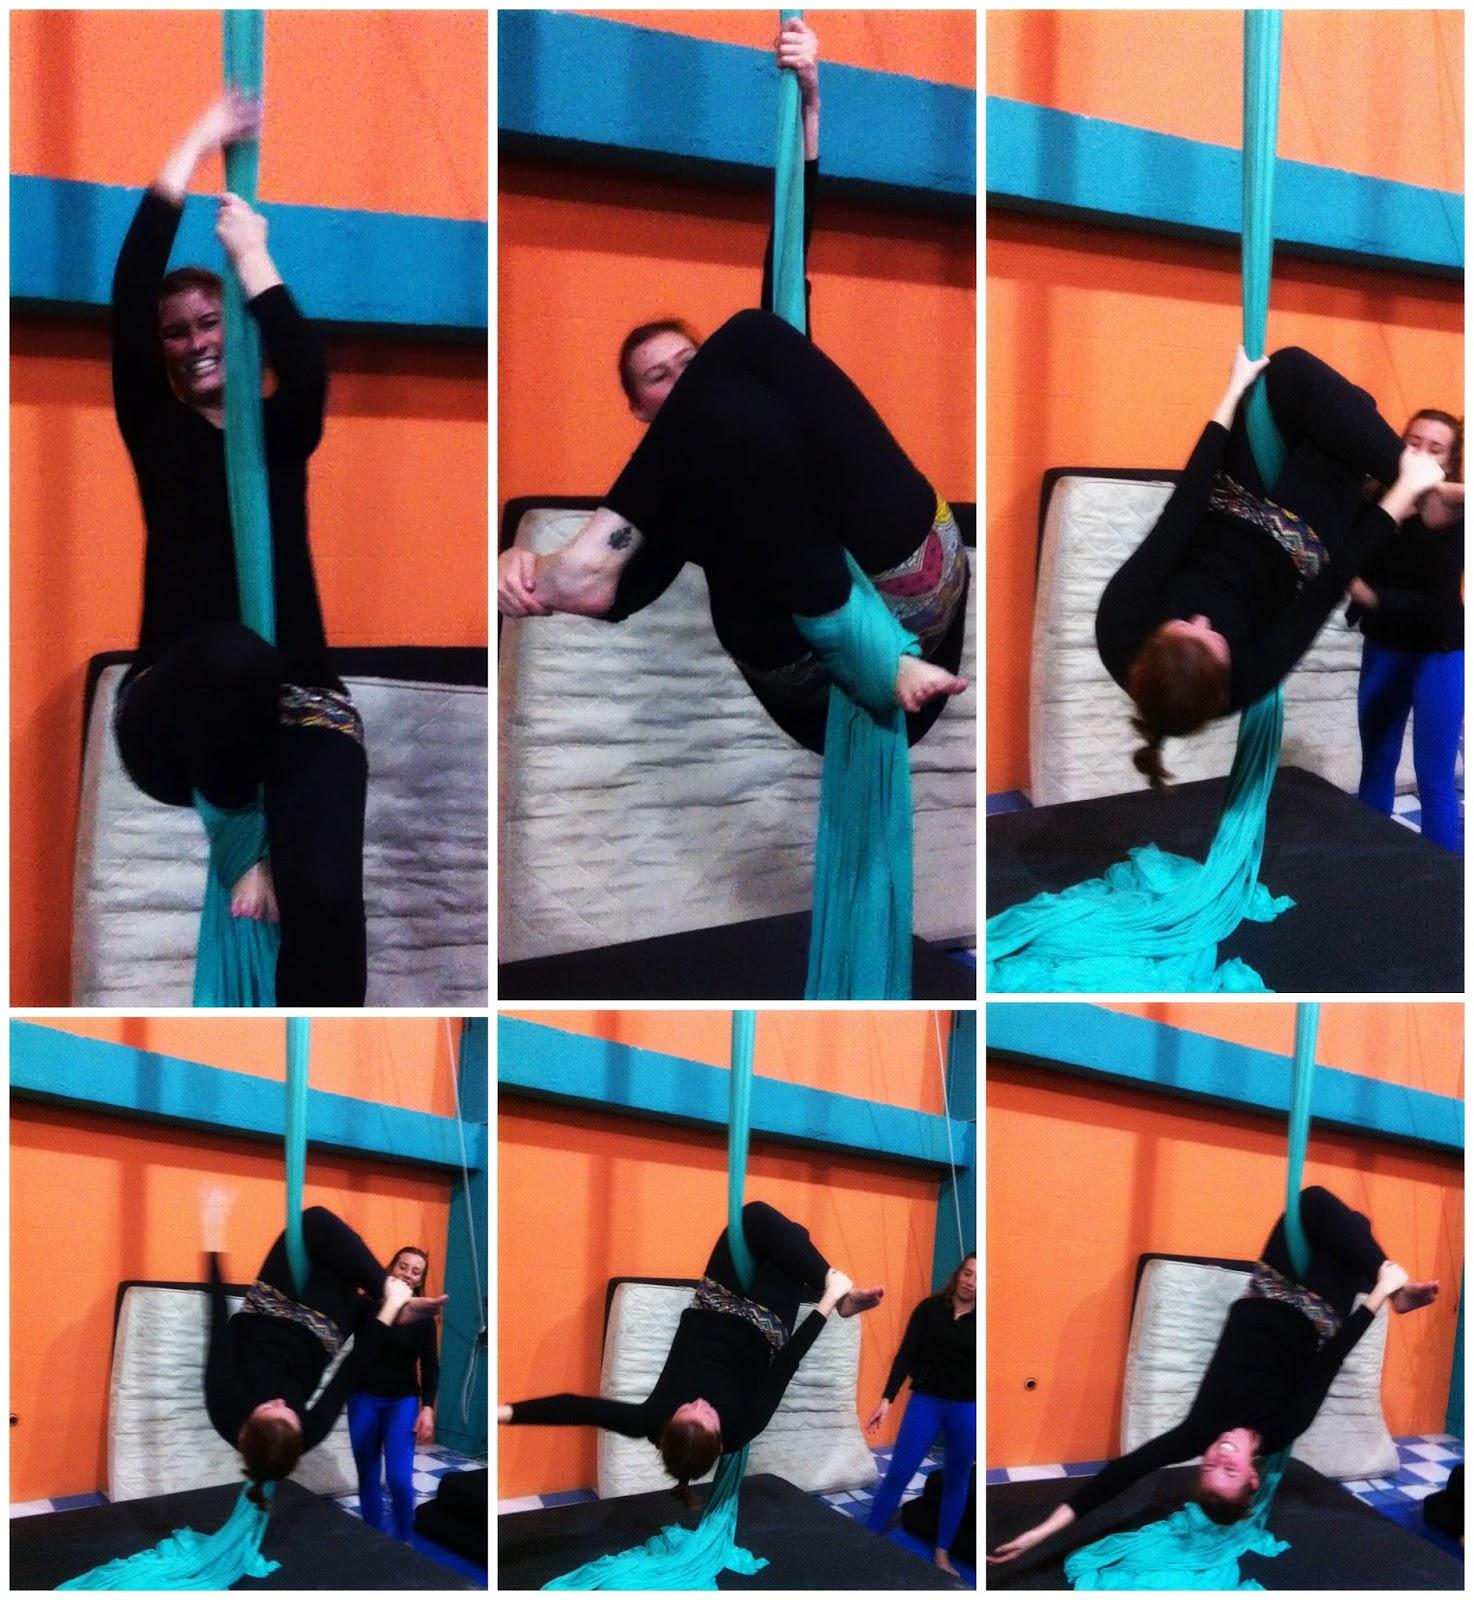 tecido acrobatico